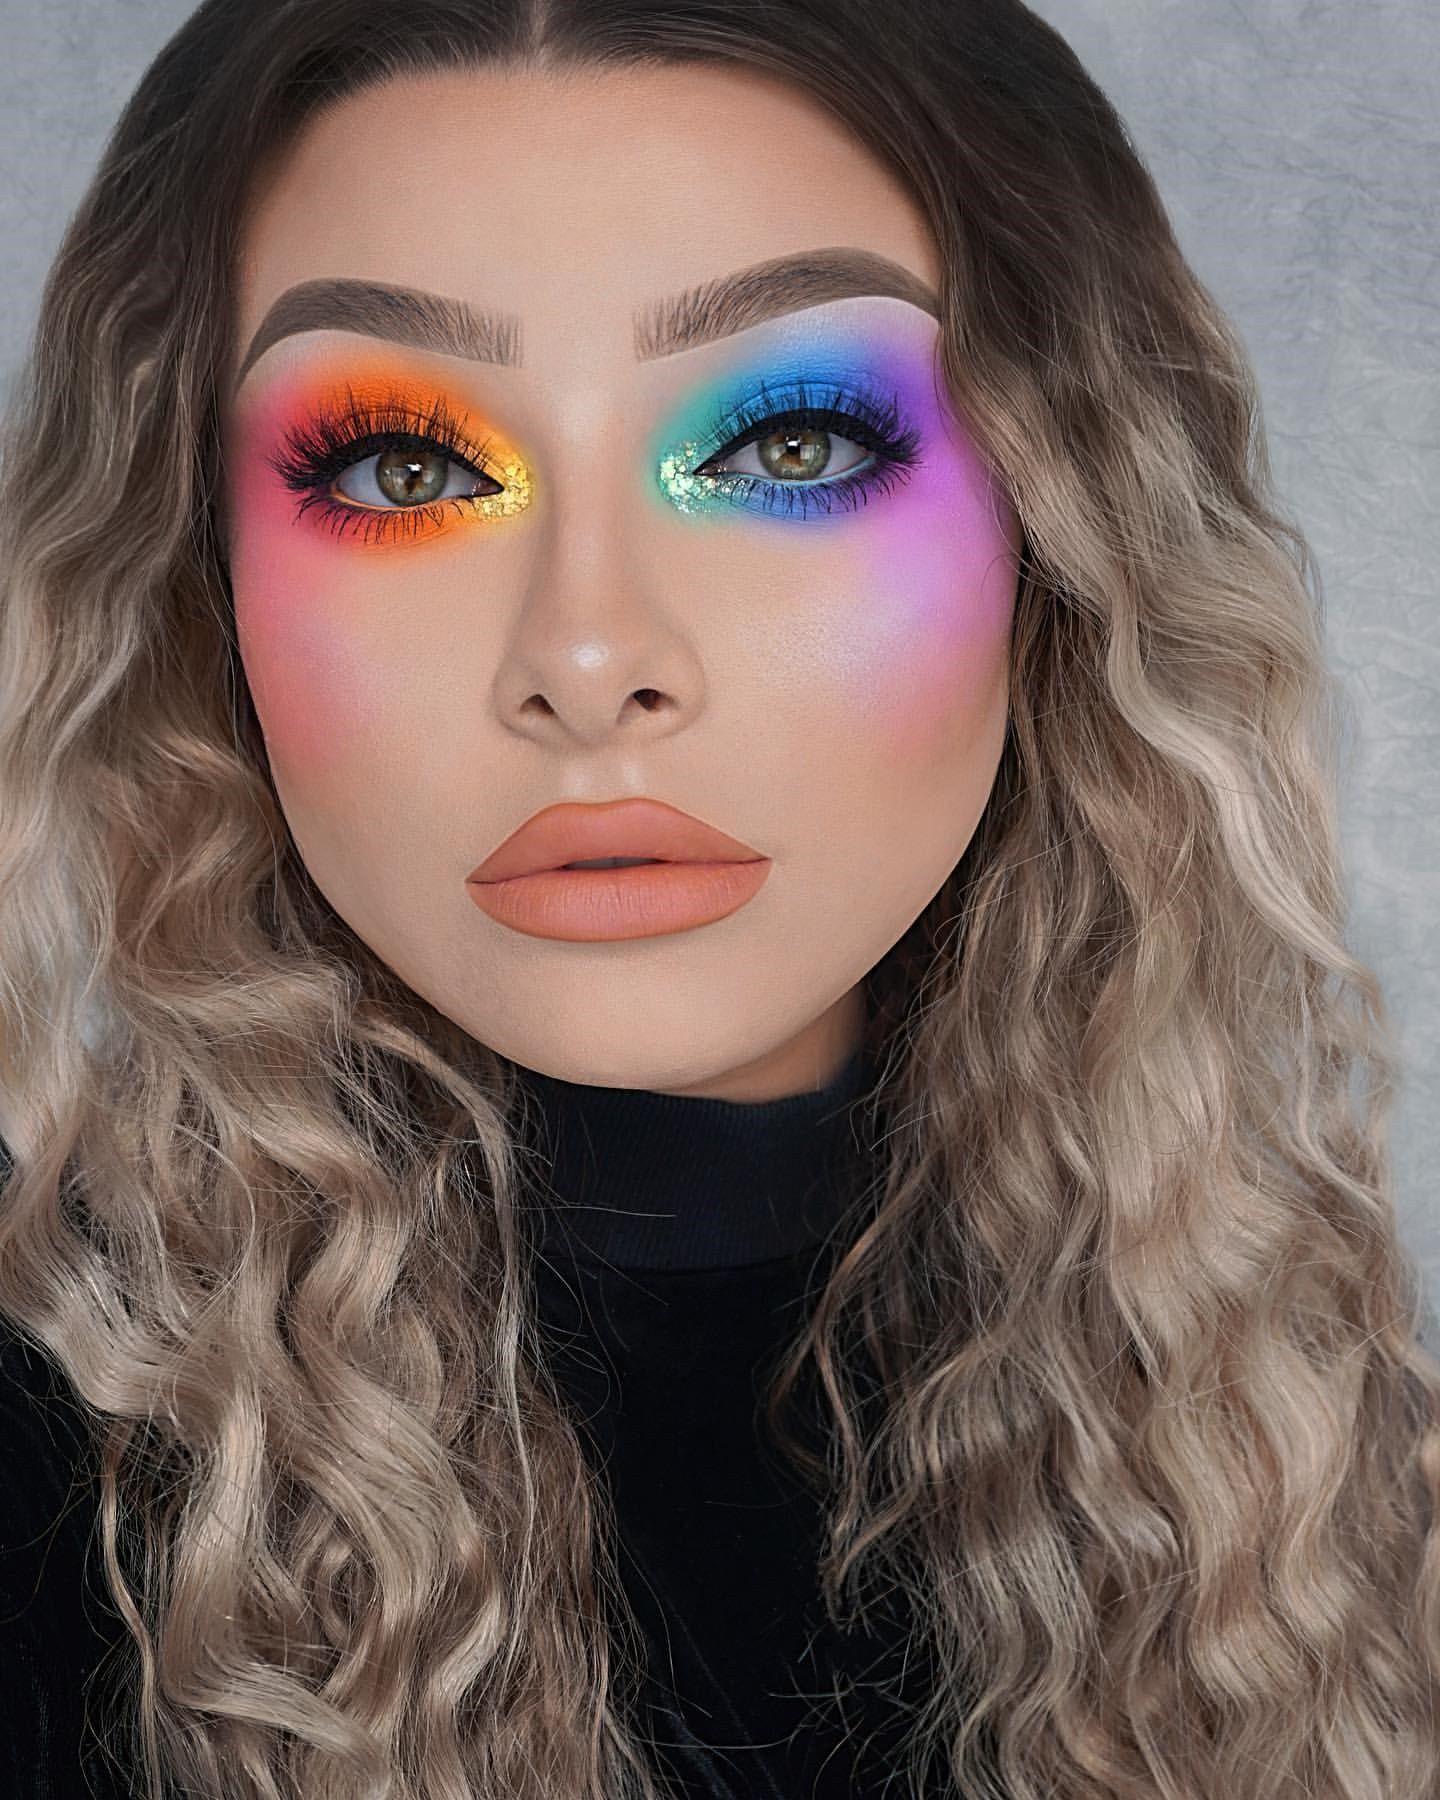 60 Dramatische Make Up Looks Bringen Sie 2020 Zum Leuchten In